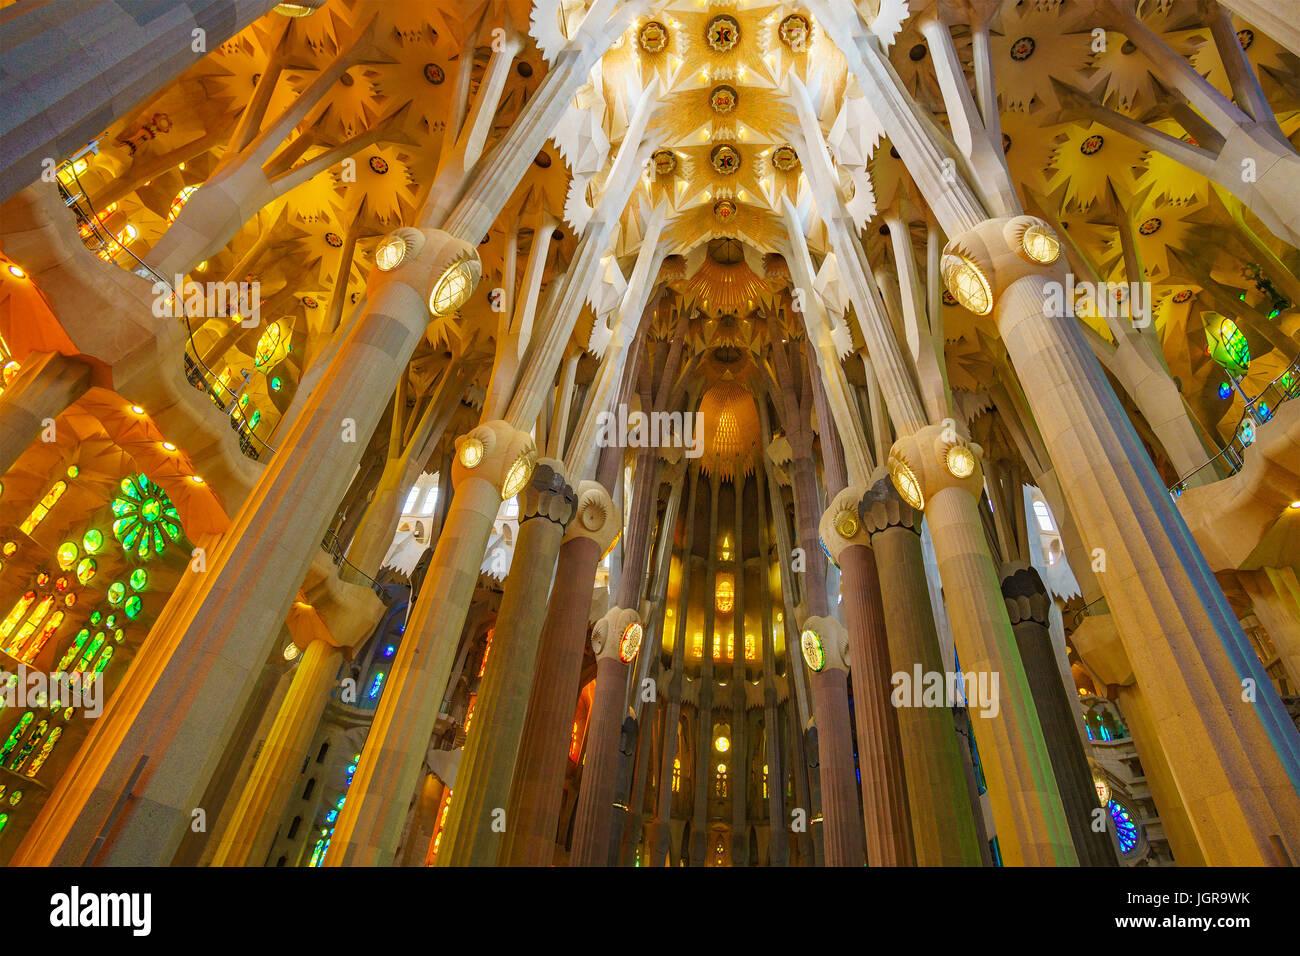 Sagrada Familia (expiatorio basílica y la iglesia de la Sagrada Familia) es una gran iglesia católica Imagen De Stock